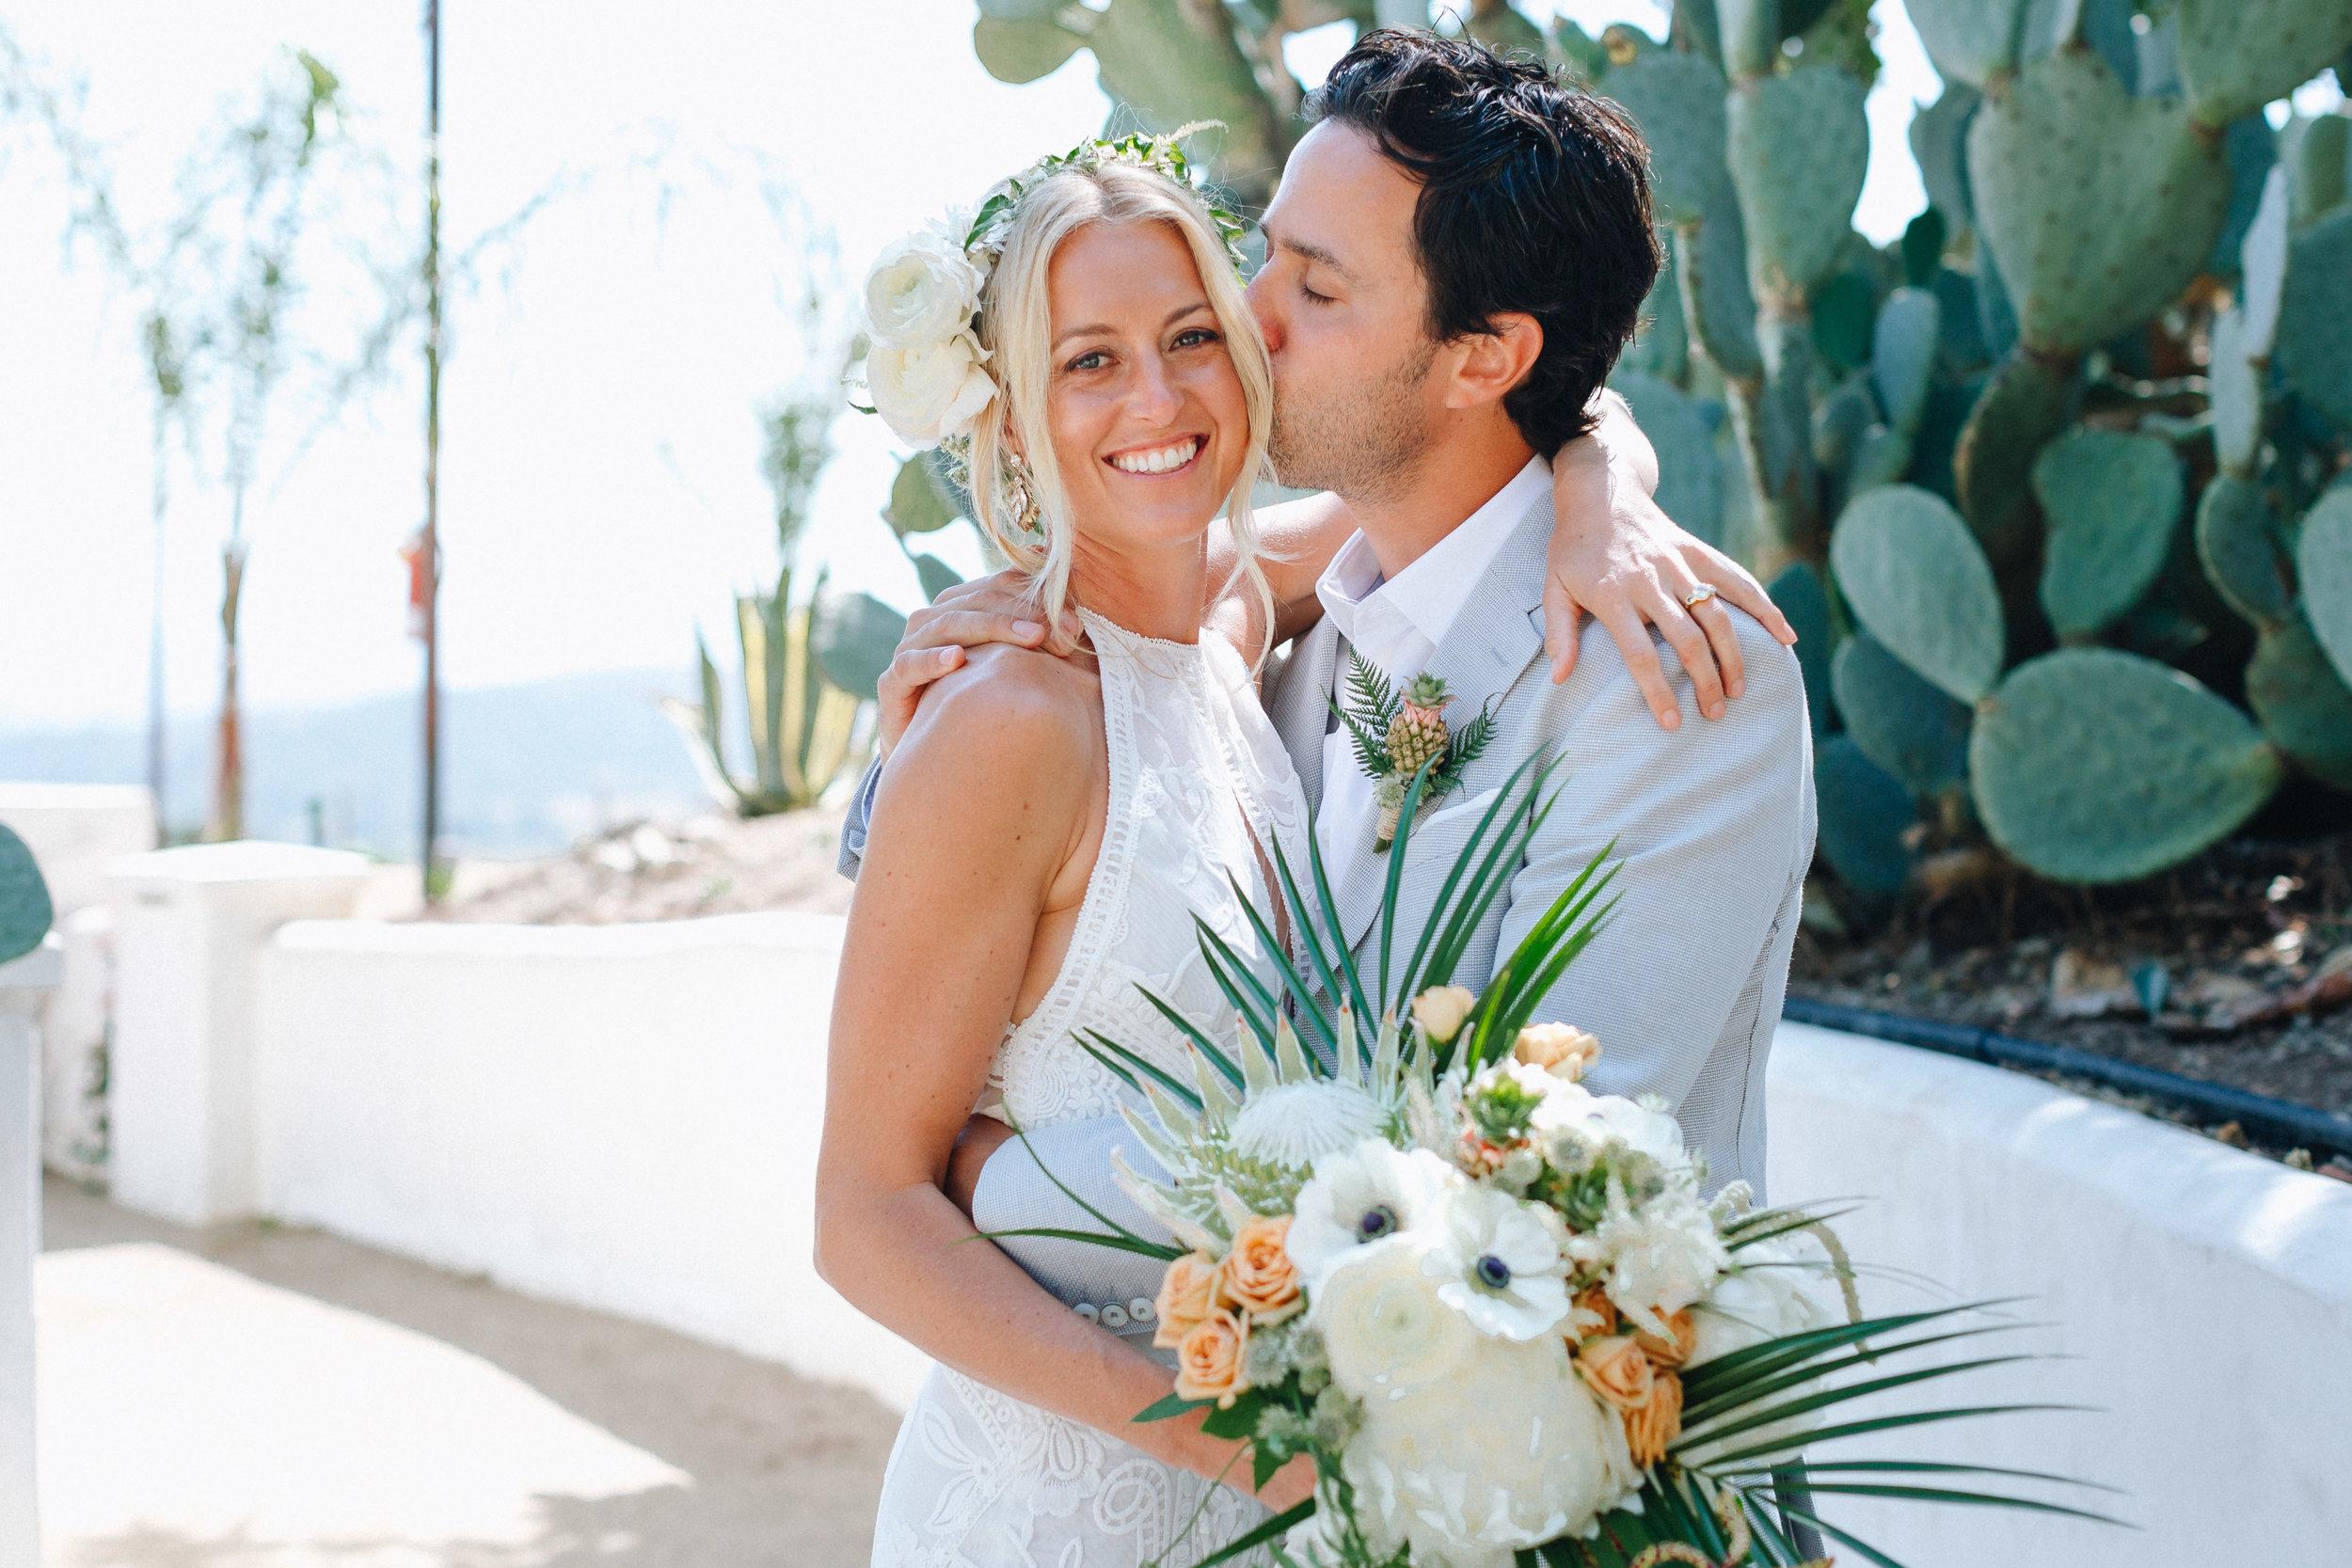 Whitney-Matt-wedding-Two Penguin Photography - Forage Ojai-JBO_3473.jpg